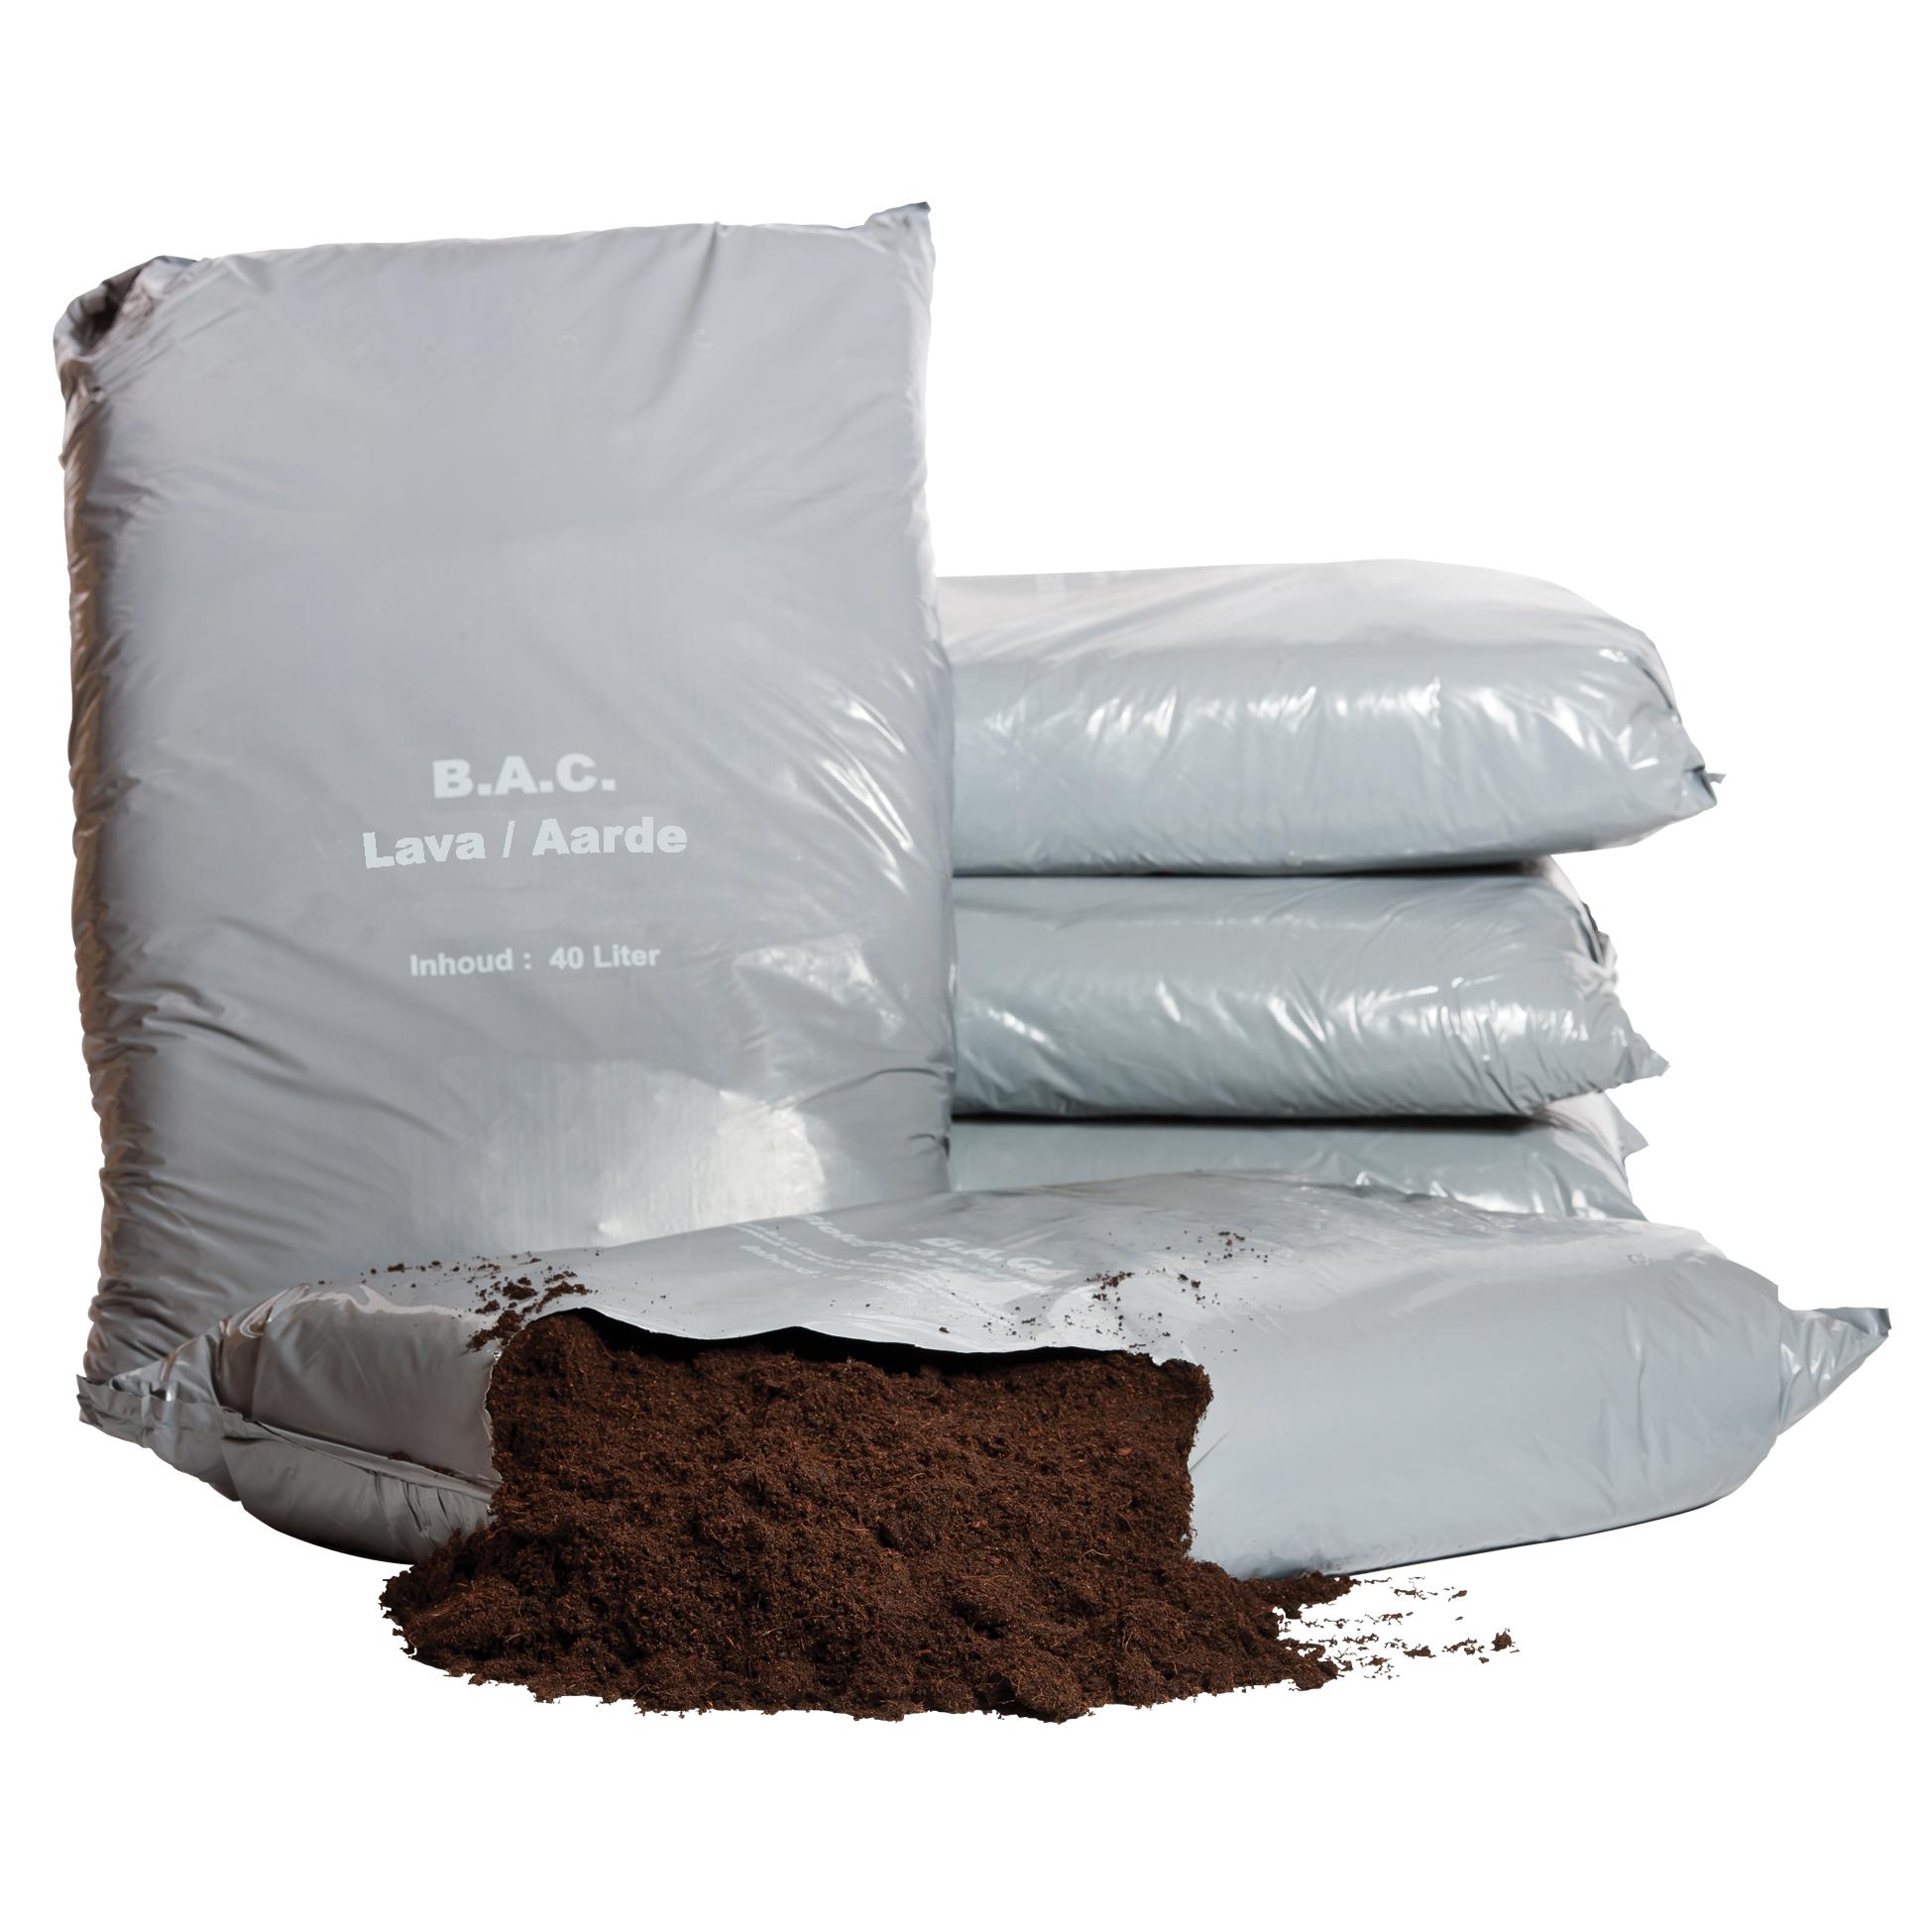 BAC - лава-грунт (40 литров)